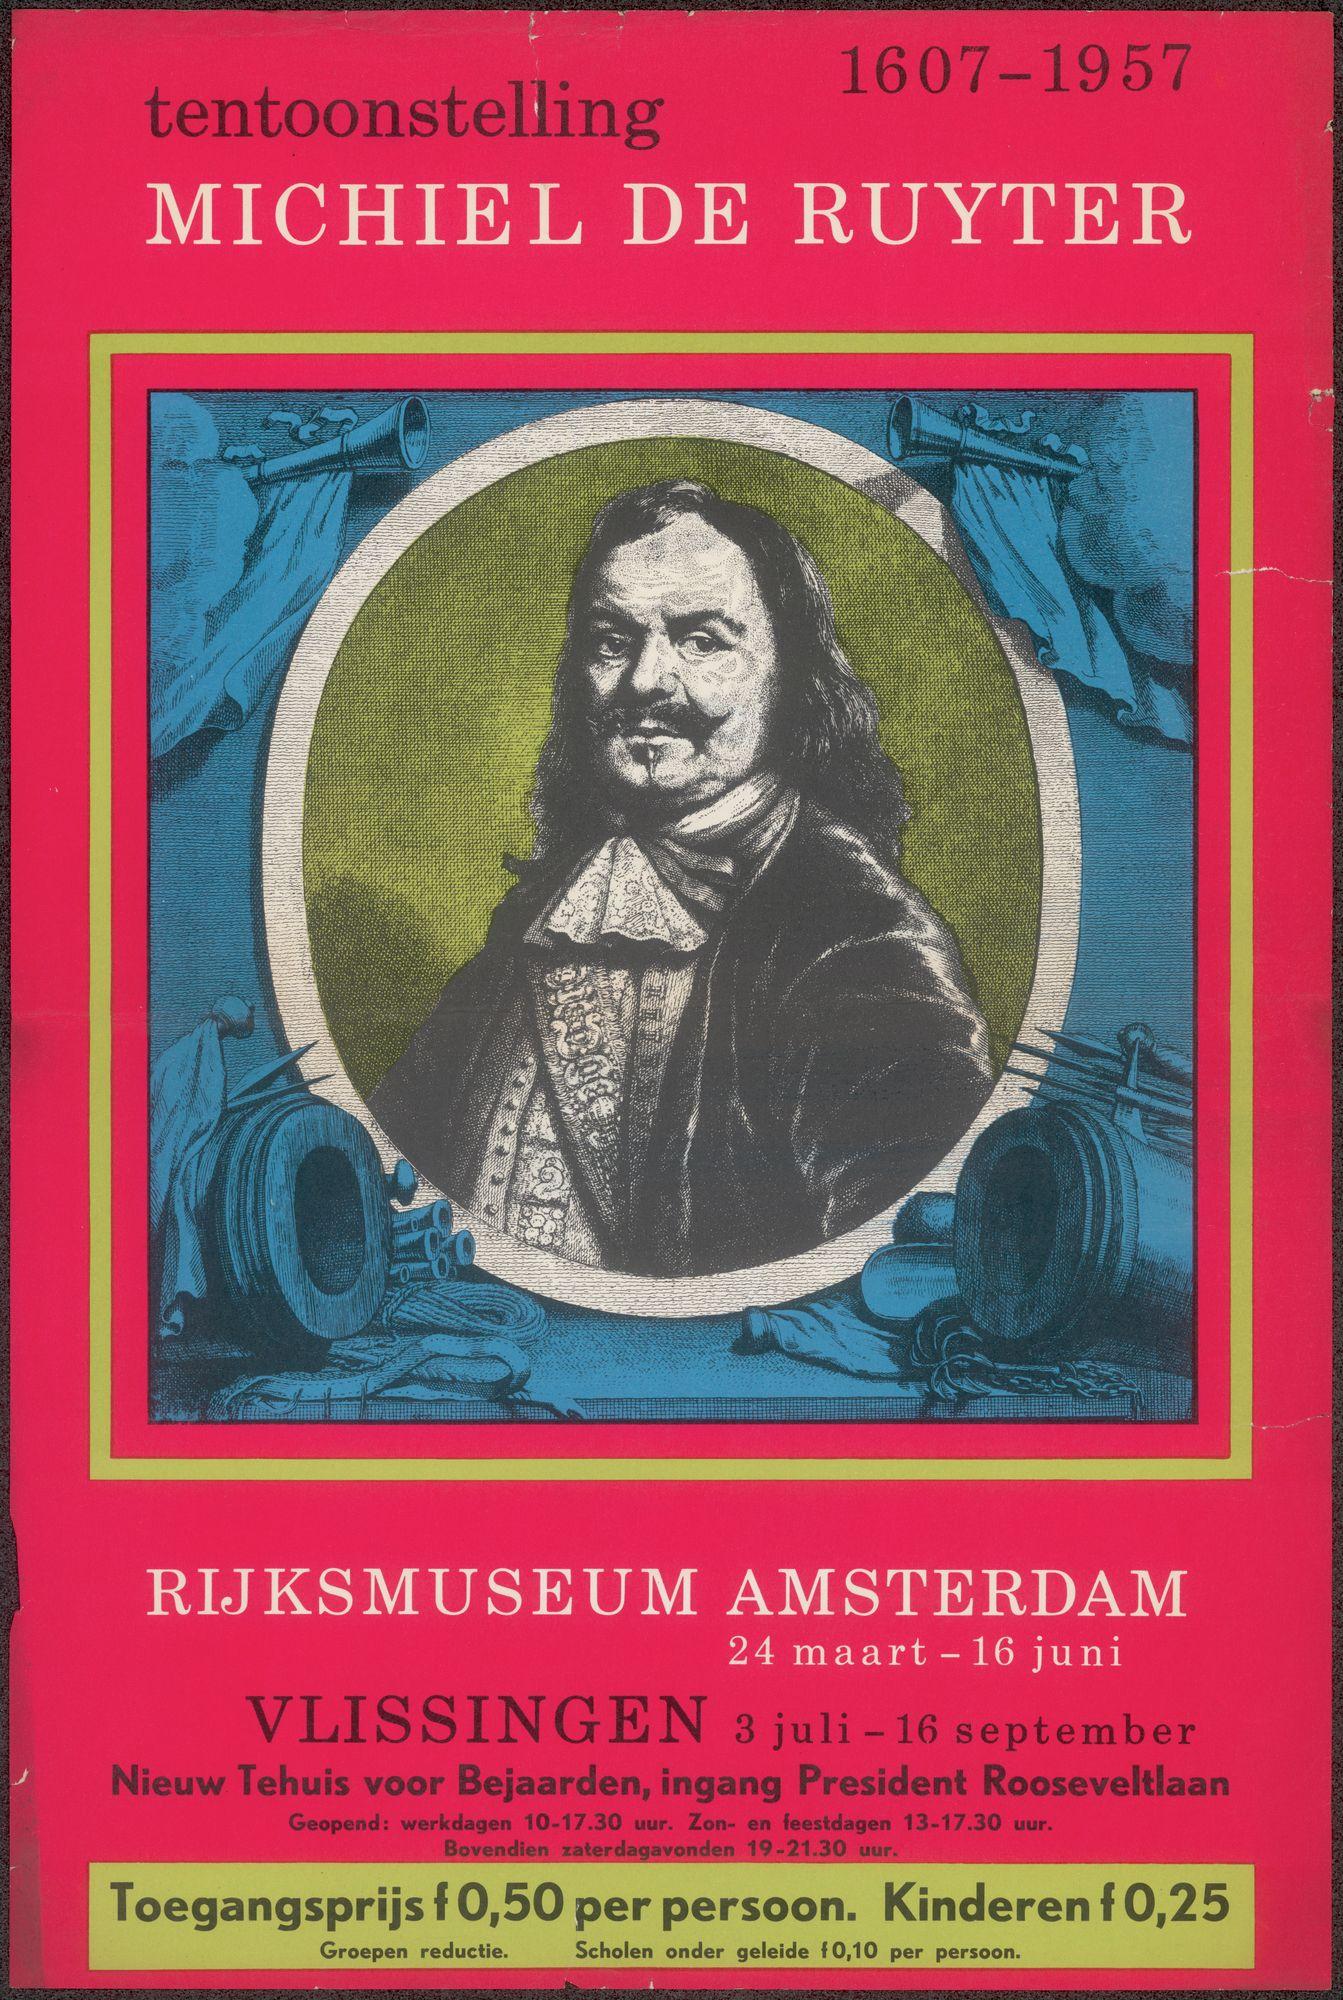 Tentoonstelling Michiel De Ruyter 1607-1957, Rijksmuseum Amsterdam,Nieuw Tehuis voor Bejaarden  Vlissingen, 3 juli - 16 september 1957